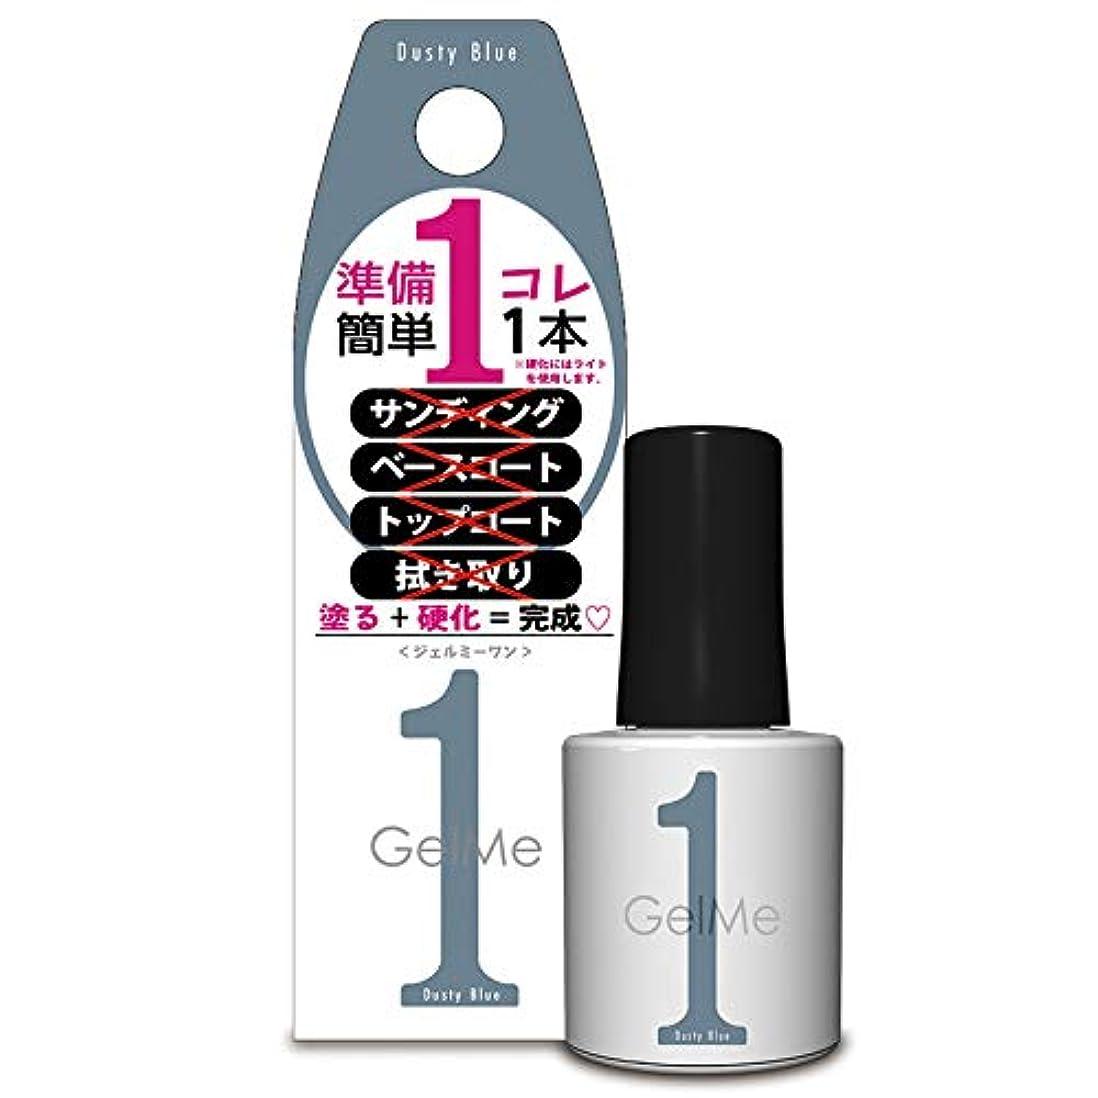 準備する観察する願望Gel me 1(ジェルミーワン) ジェルミーワン 78 ダスティブルー ジェルネイル 10ml